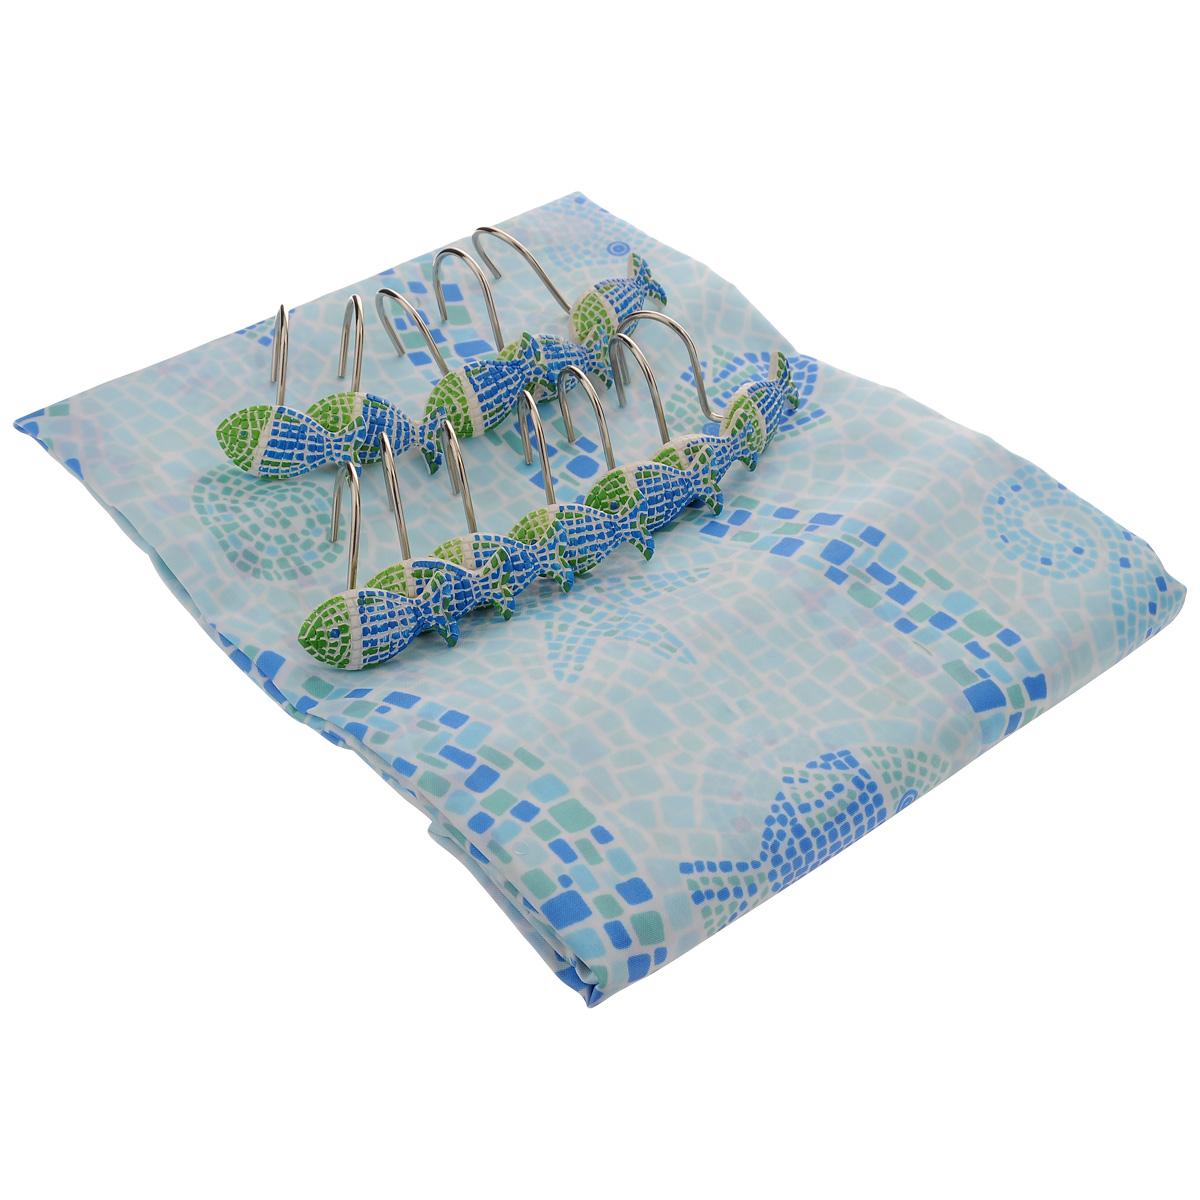 Штора для ванной комнаты House & Holder, цвет: голубой, 180 х 180 см SWYS063SWYS063Штора для ванной комнаты House & Holder изготовлена из полимера с водоотталкивающим покрытием, оформлена изображением морских животных. Такая штора легко стирается и быстро сохнет. В ее верхней кромке предусмотрены отверстия для крючков. Крючки, выполненные из металла, декорированы фигурками объемных рыбок. Количество крючков: 12 шт.